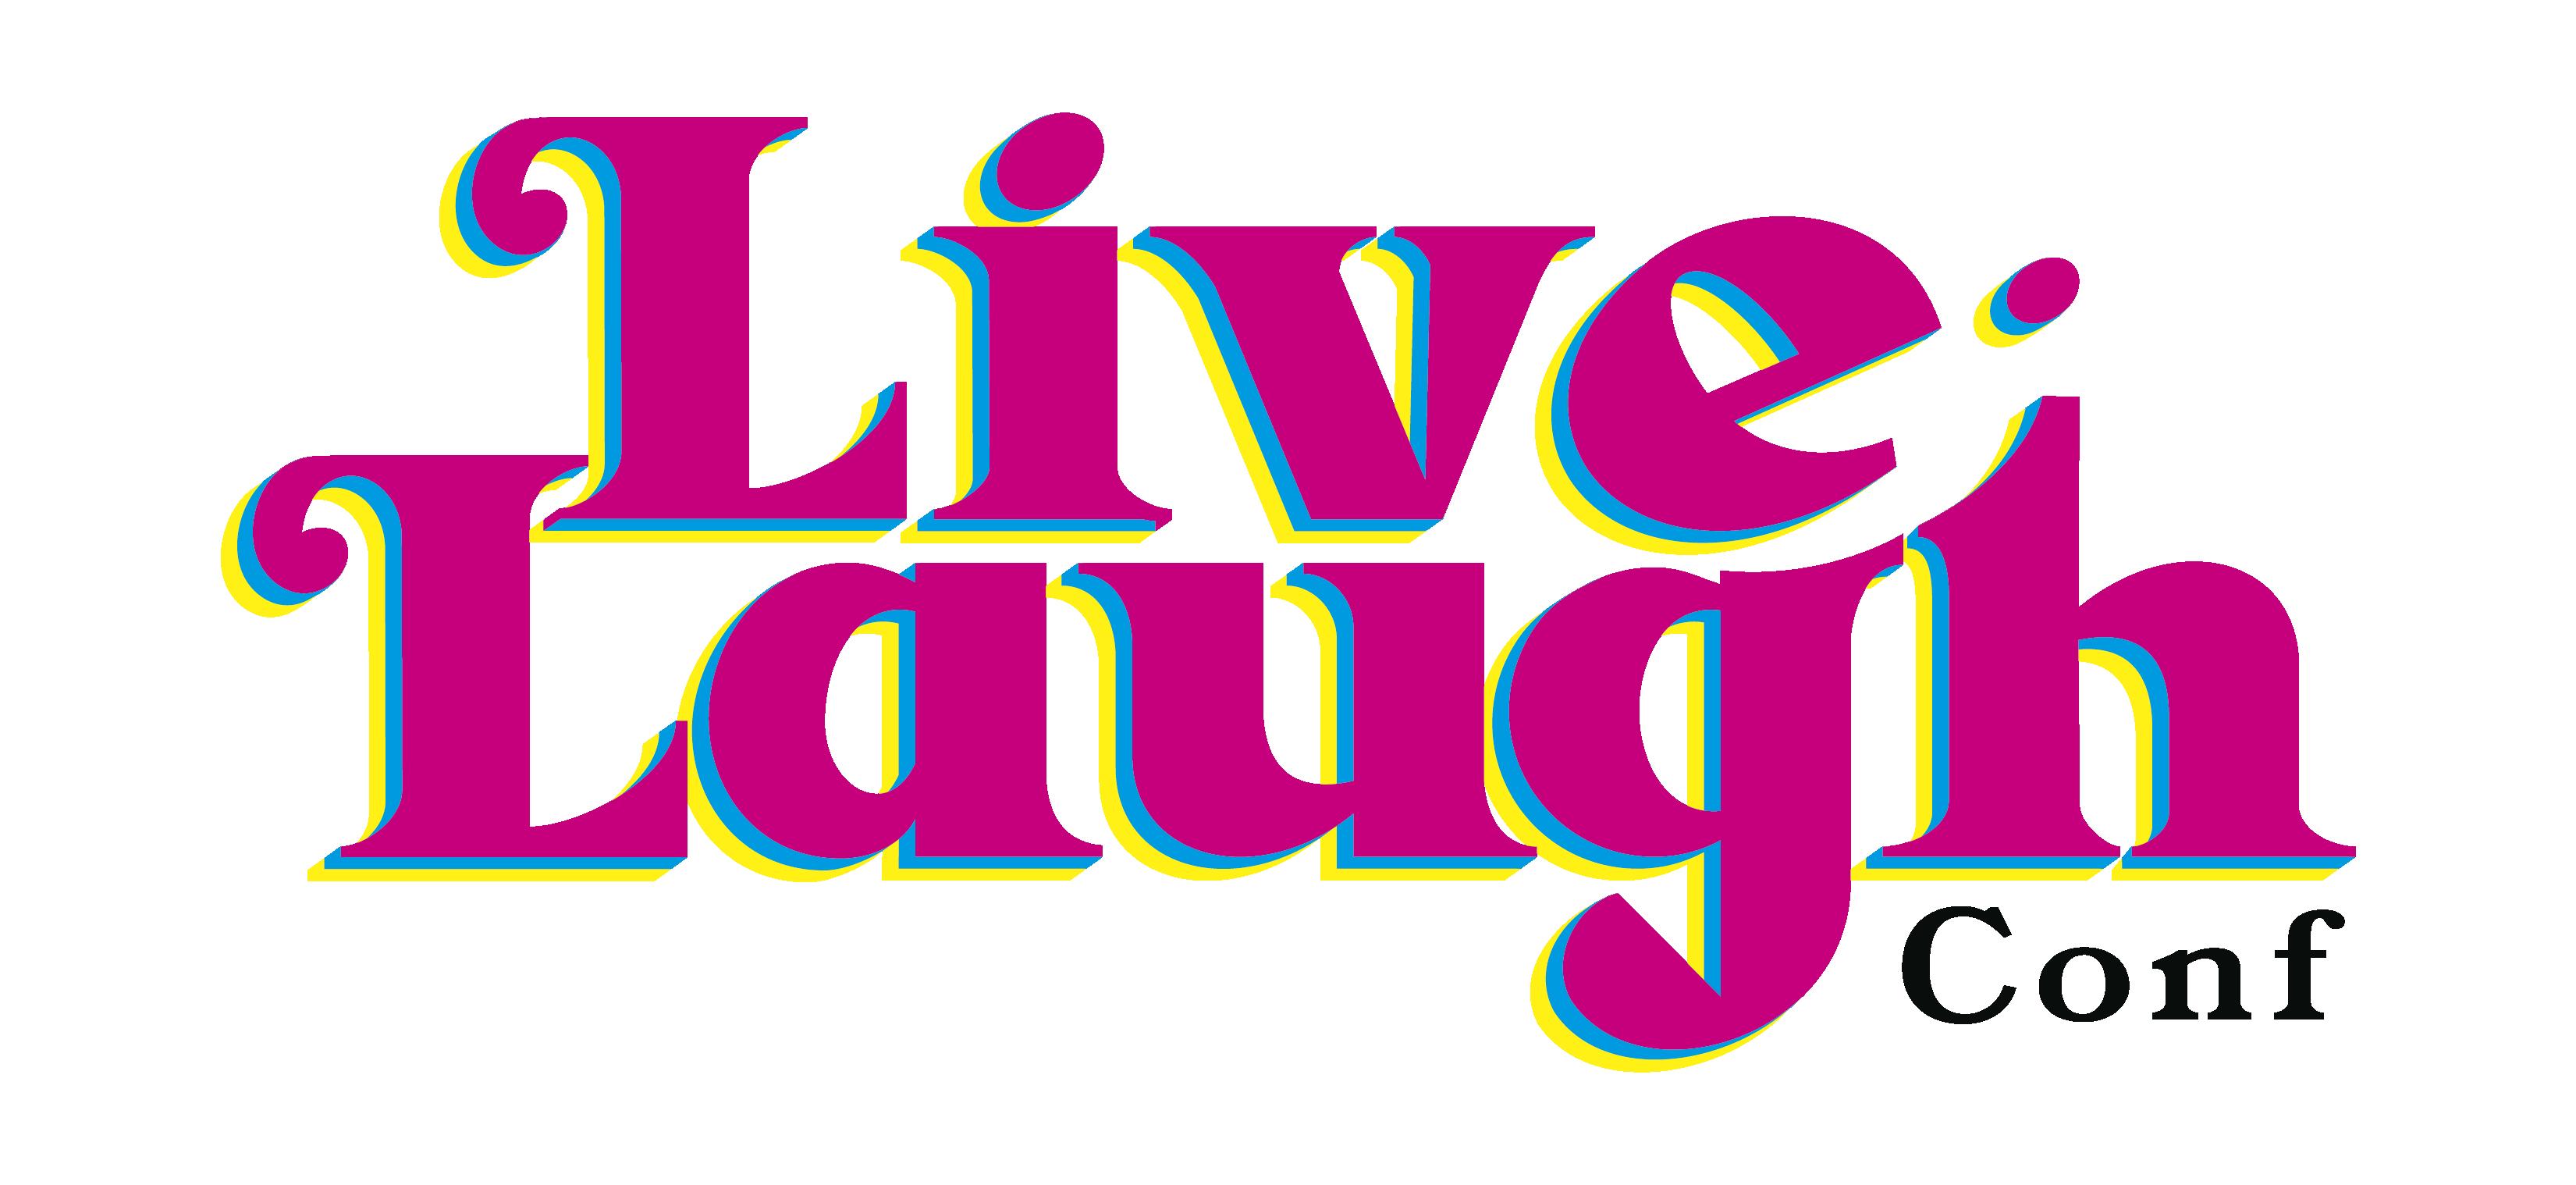 livelaughconf